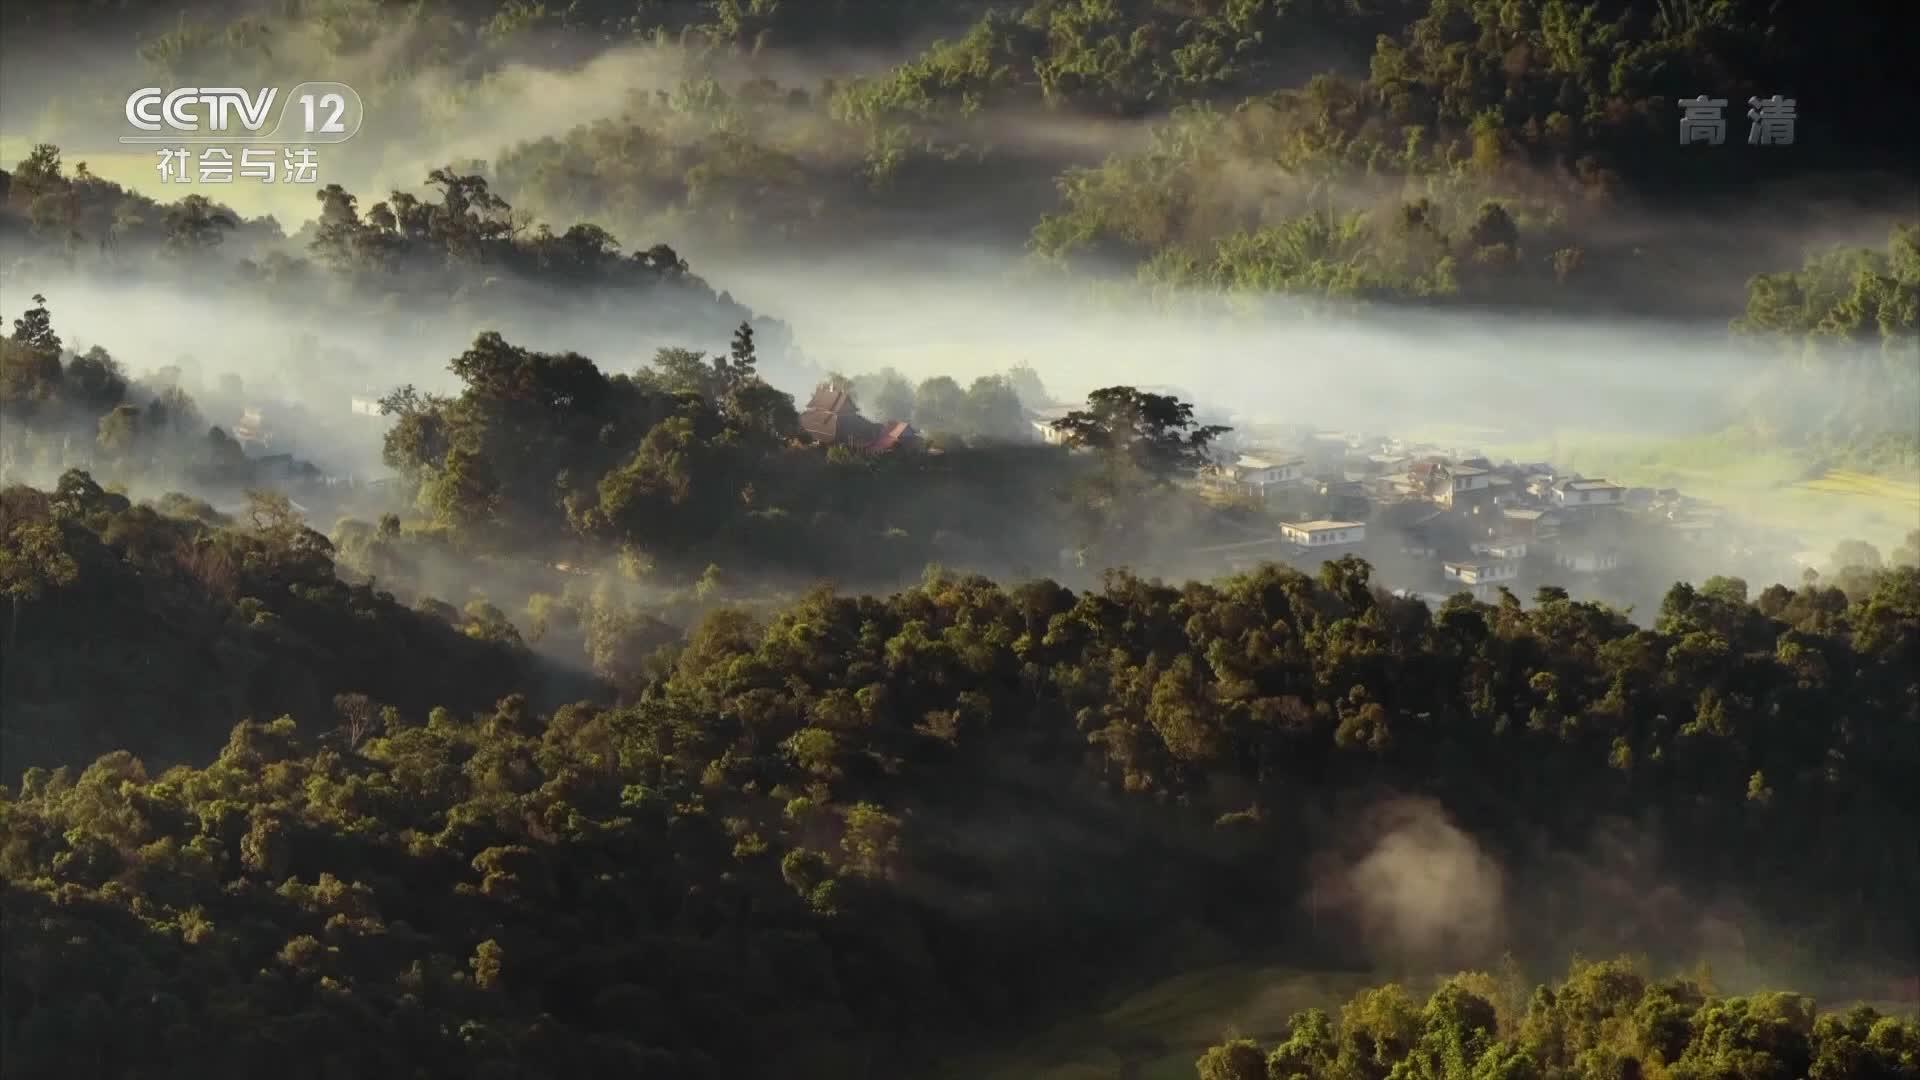 央视广告欣赏-雨林古树茶